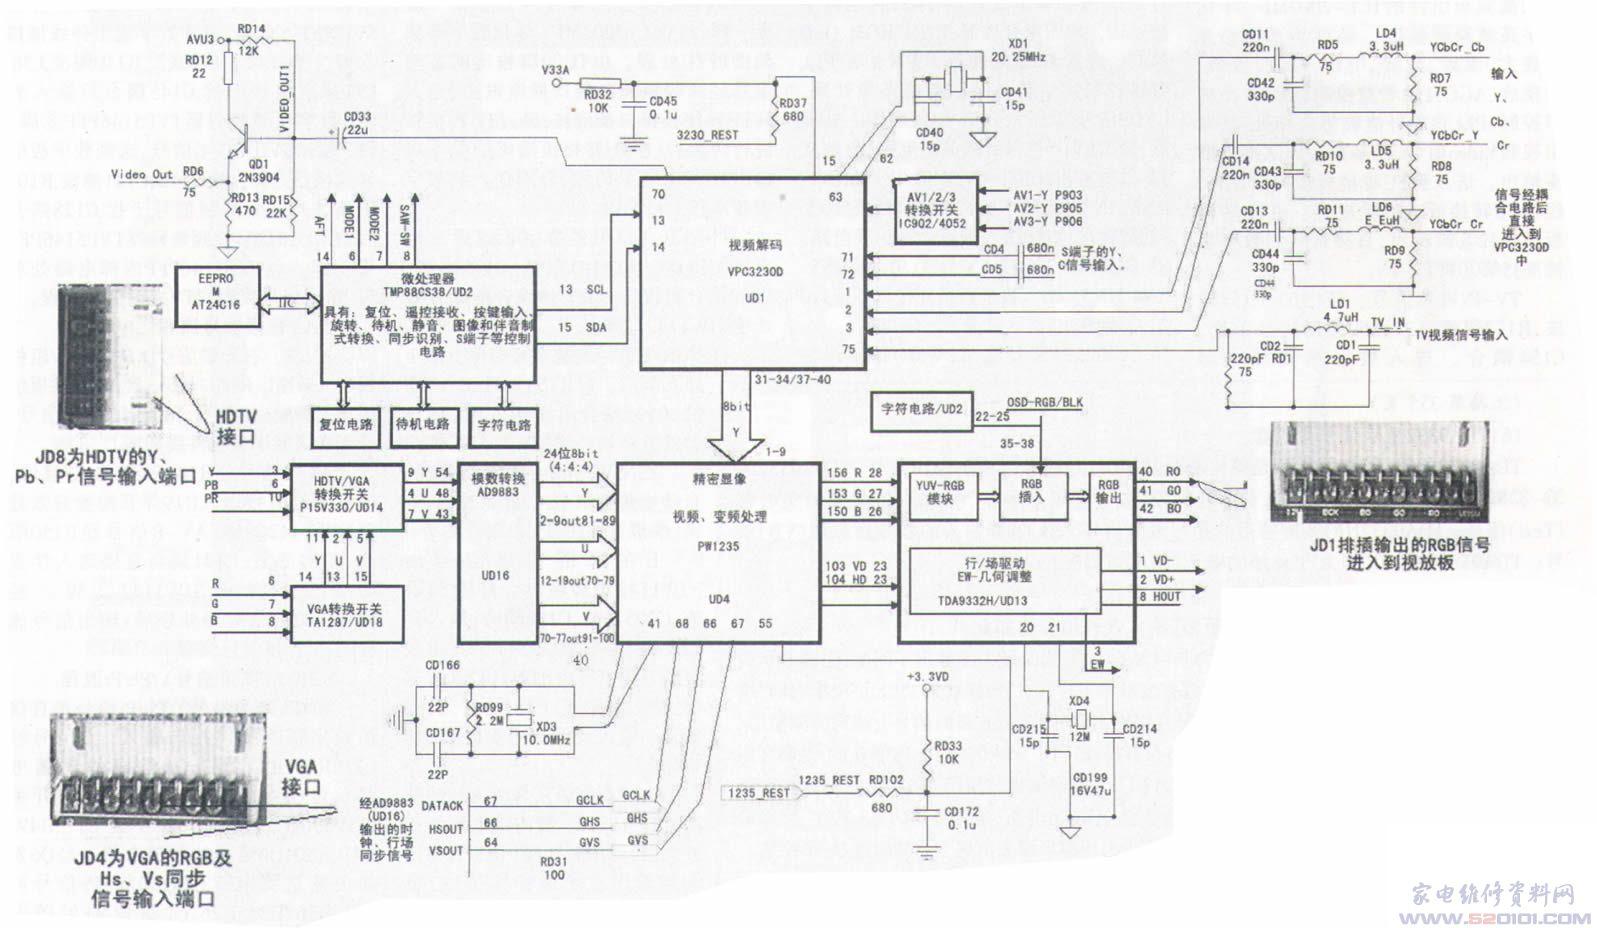 TCL NU21机芯是新推出的一款采用数字信号处理技术的数字窗高清系列产品。目前采用NU21机芯的彩电型号有:HID29181H、HID29189PB、HID29A61、HID29A81、HID34181、HID34181H、HID34A61、HID34A81等。 一、TCL NU21数字板 其正面电路的实物图如下图所示。  二、NU21机芯数字板信号流程 数字板主要完成对不同扫描格式的模拟电视信号的接收和转换(如TV/AV、高清信号、VGA信号接收、ADC转换、扫描格式转换、DAC转换等)。 1.数字板